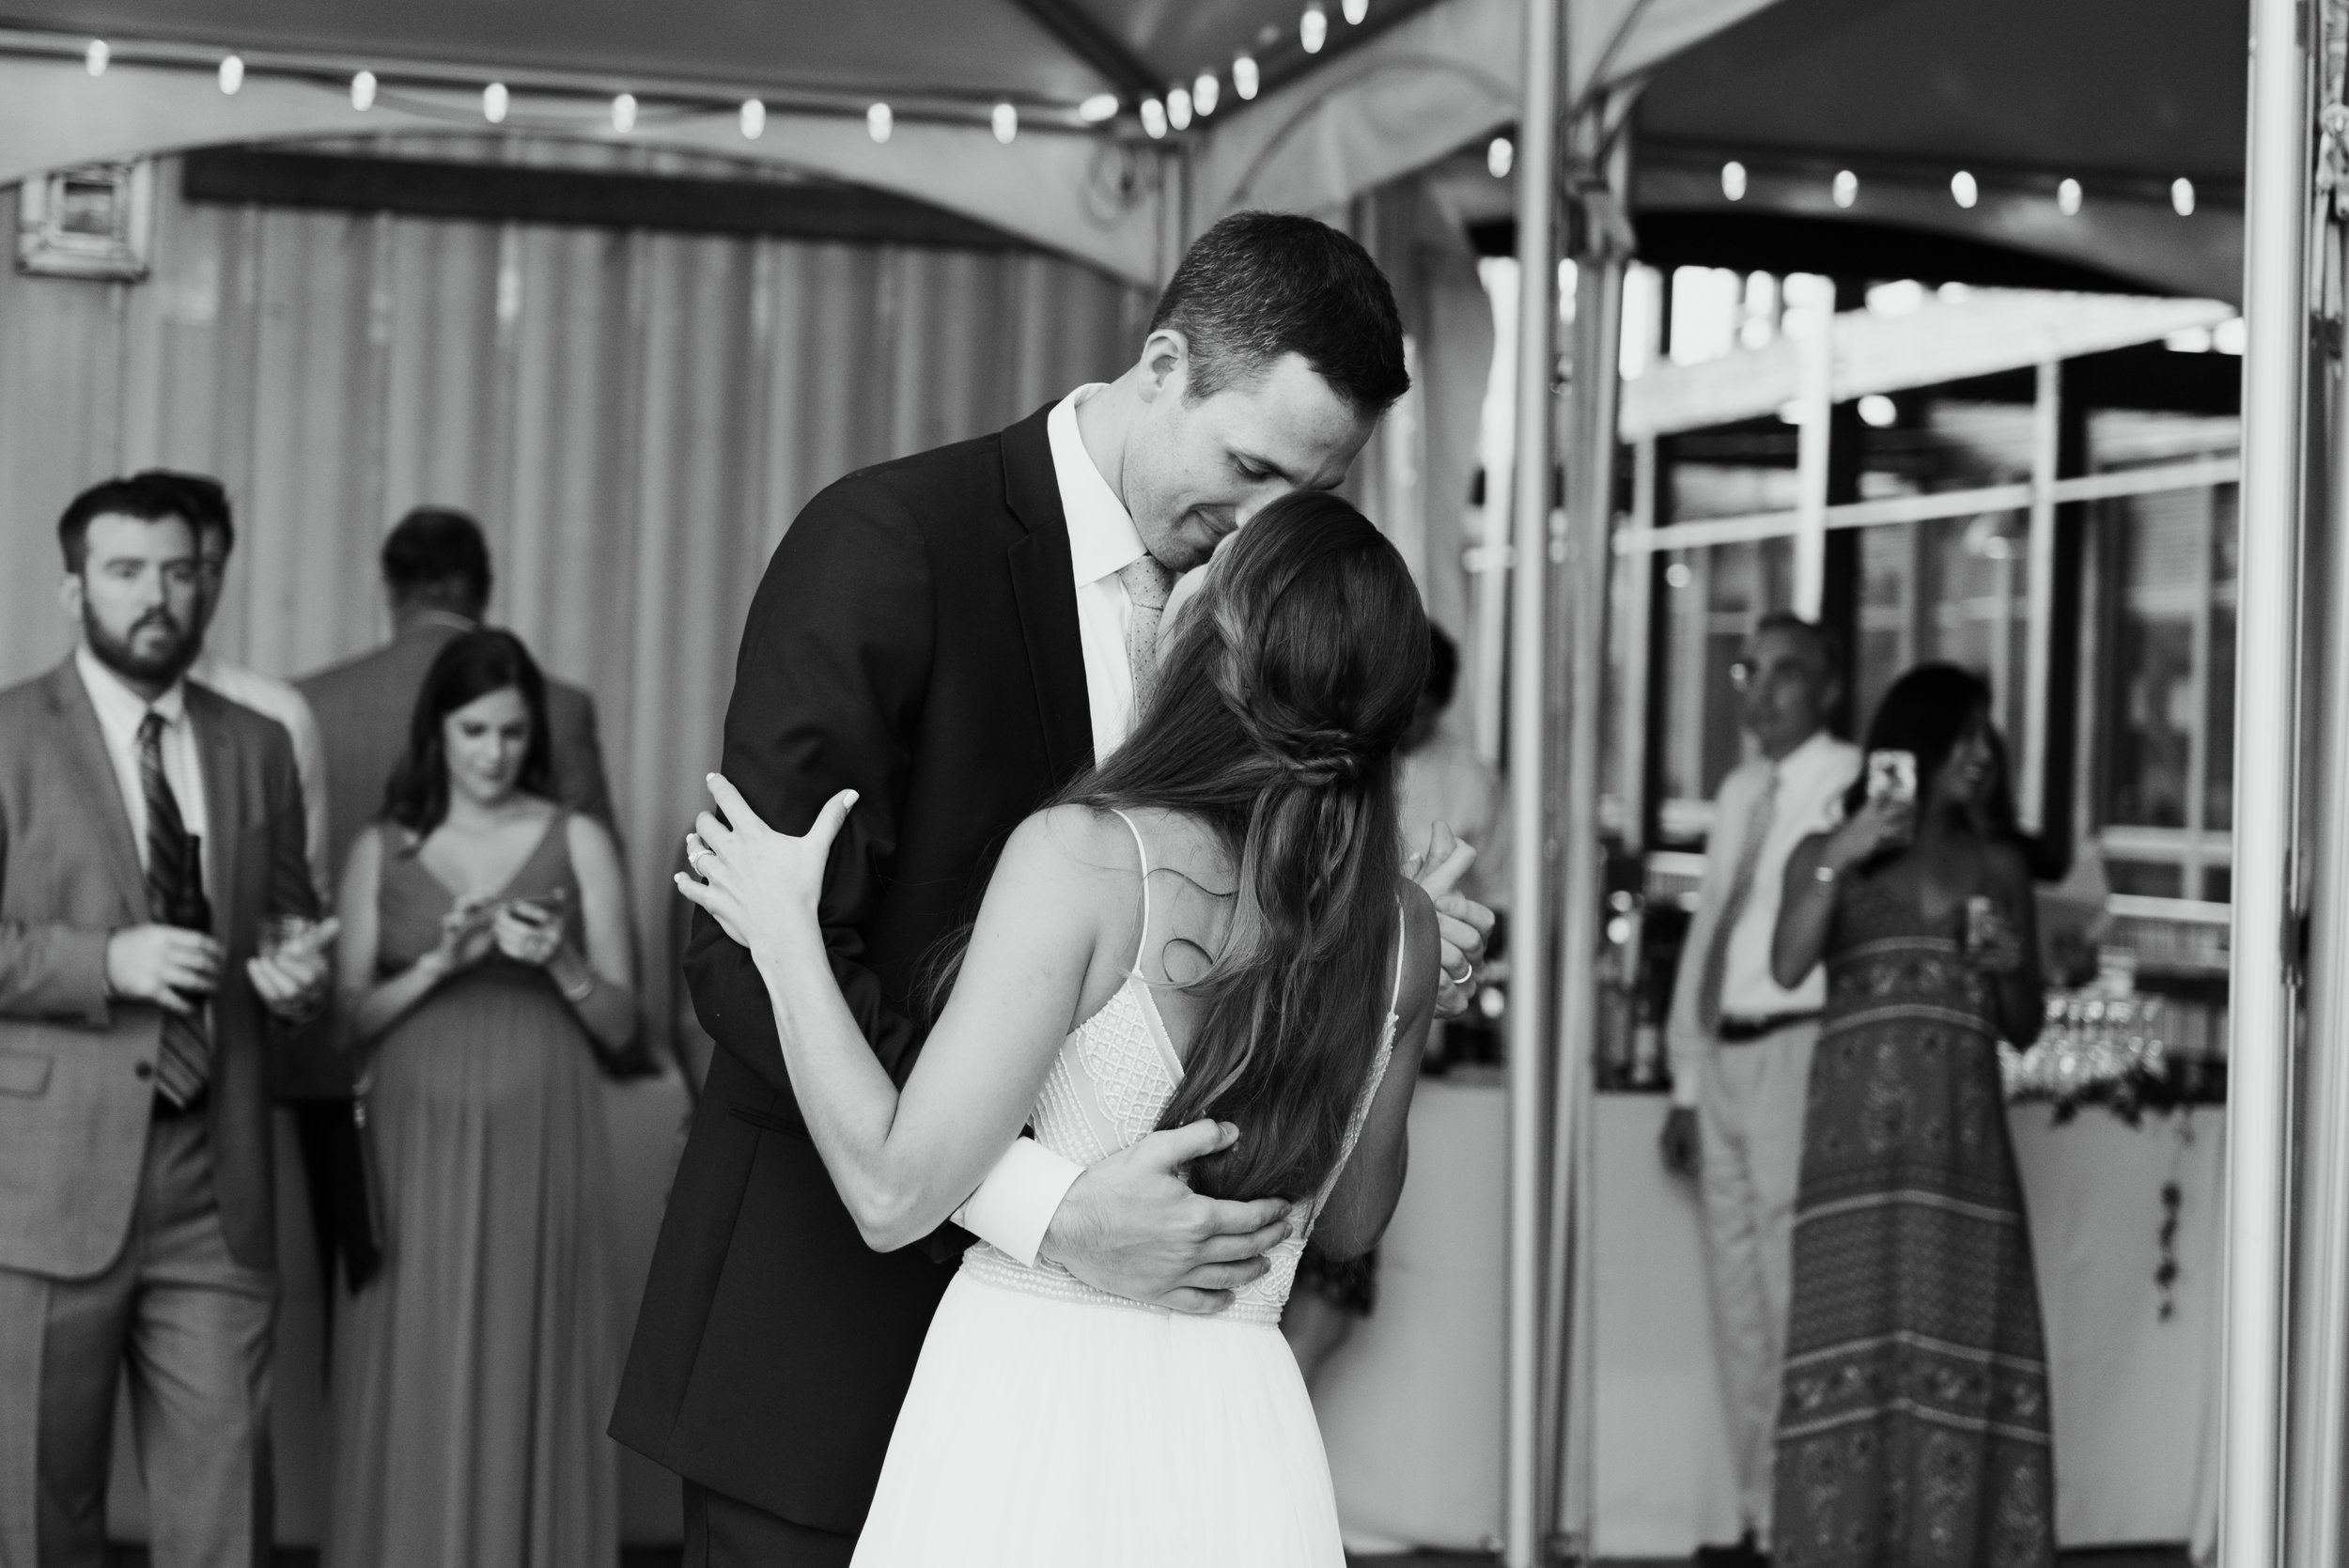 katiesteveannapolisweddingblog-36.jpg